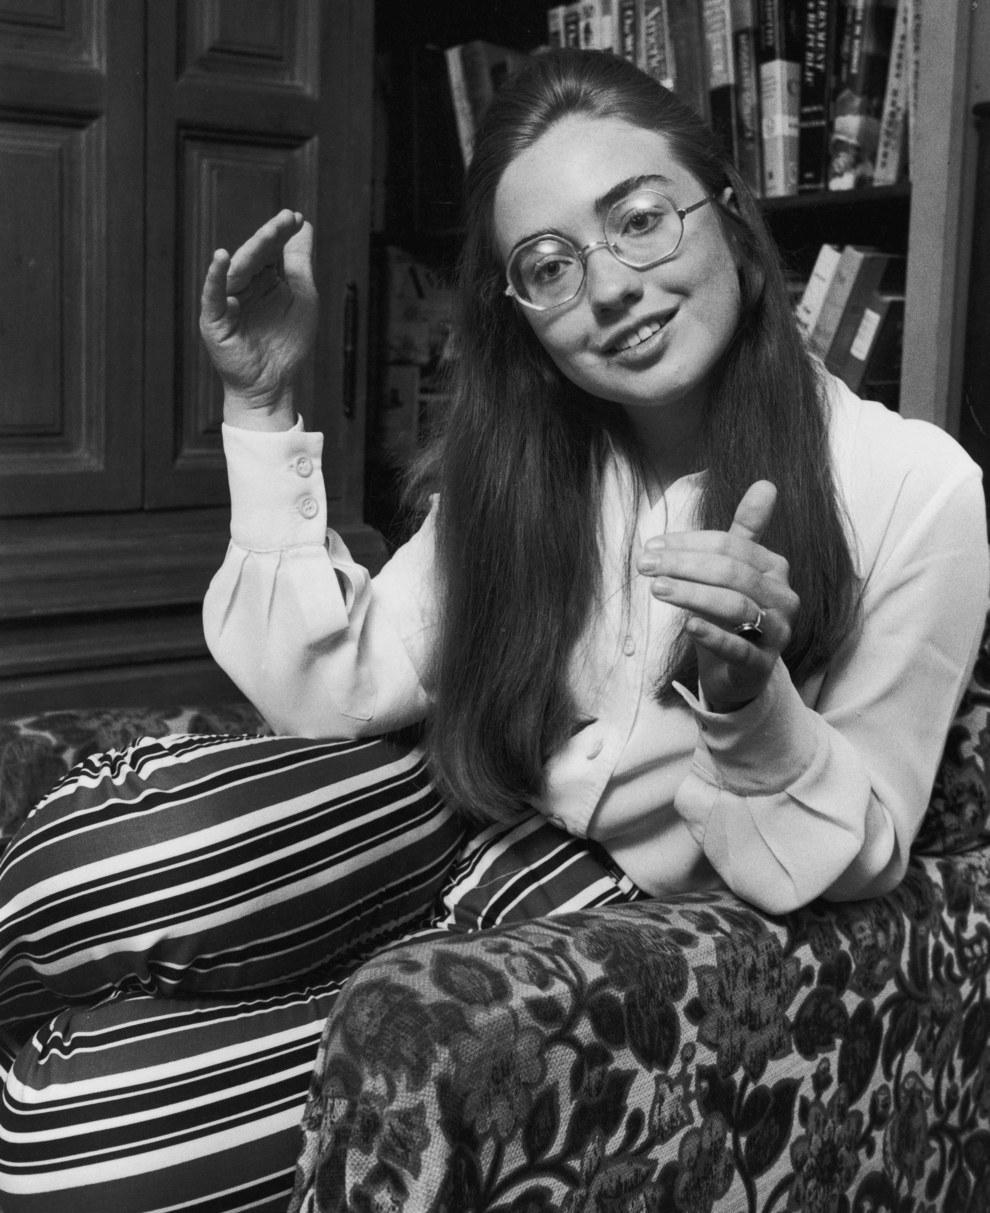 Хиллари Клинтон - бывший госсекретарь США и кандидат в президенты США 2016